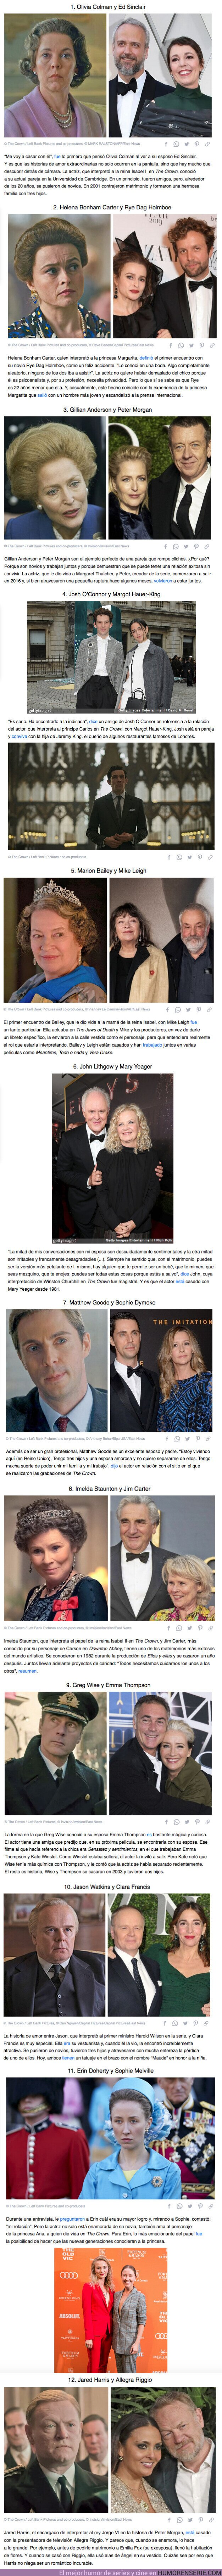 """67503 - GALERÍA: Conoce a las parejas en la vida real de los actores de """"The Crown"""""""